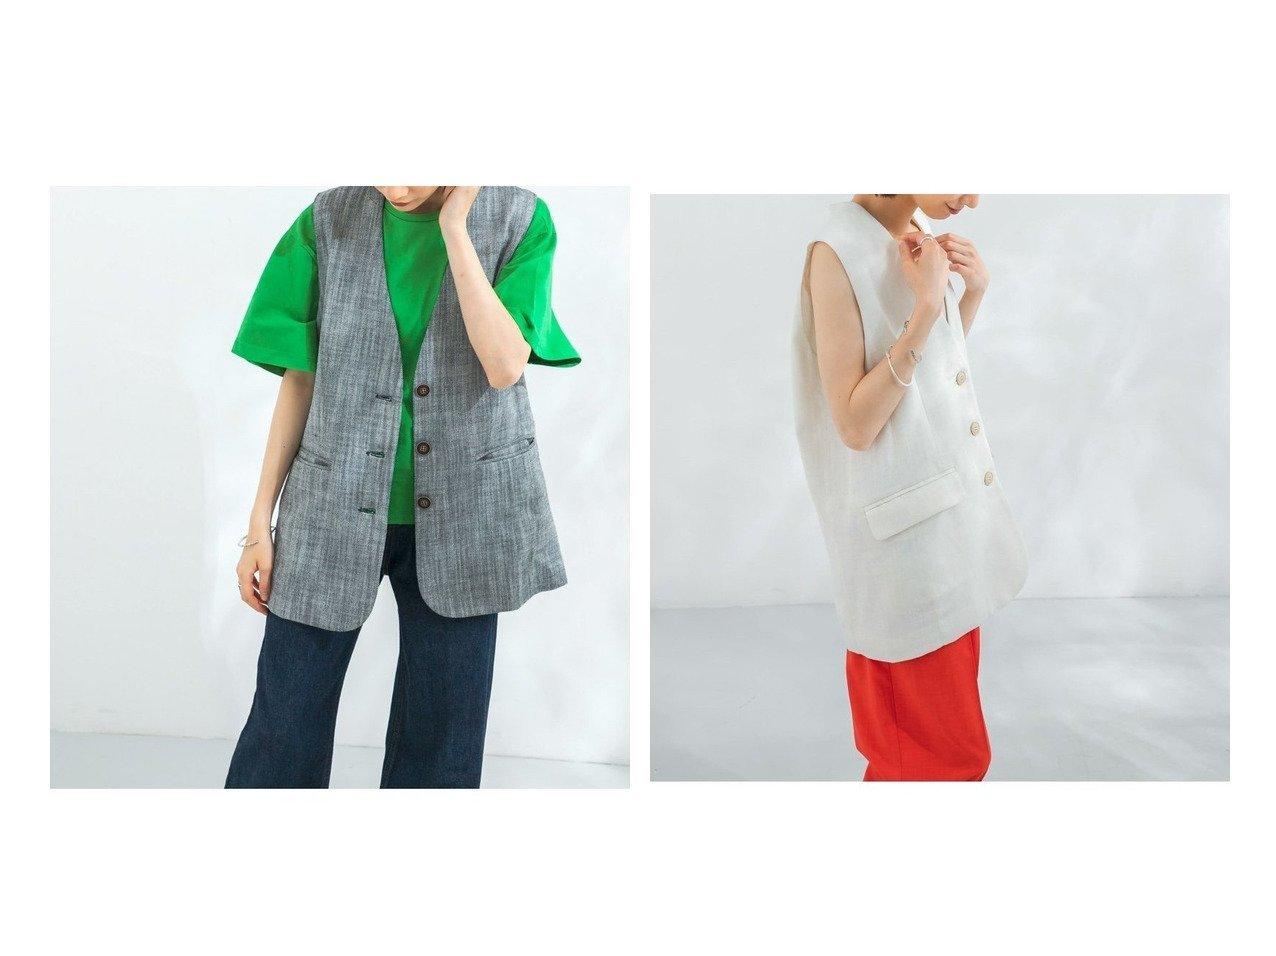 【KBF / URBAN RESEARCH/ケービーエフ】のヘリンボンBIGベスト 【アウター】おすすめ!人気、トレンド・レディースファッションの通販   おすすめで人気の流行・トレンド、ファッションの通販商品 インテリア・家具・メンズファッション・キッズファッション・レディースファッション・服の通販 founy(ファニー) https://founy.com/ ファッション Fashion レディースファッション WOMEN アウター Coat Outerwear コート Coats ジャケット Jackets おすすめ Recommend アメリカン インナー シンプル ジャケット スリーブ タンク ヘリンボン ベスト 夏 Summer  ID:crp329100000057173